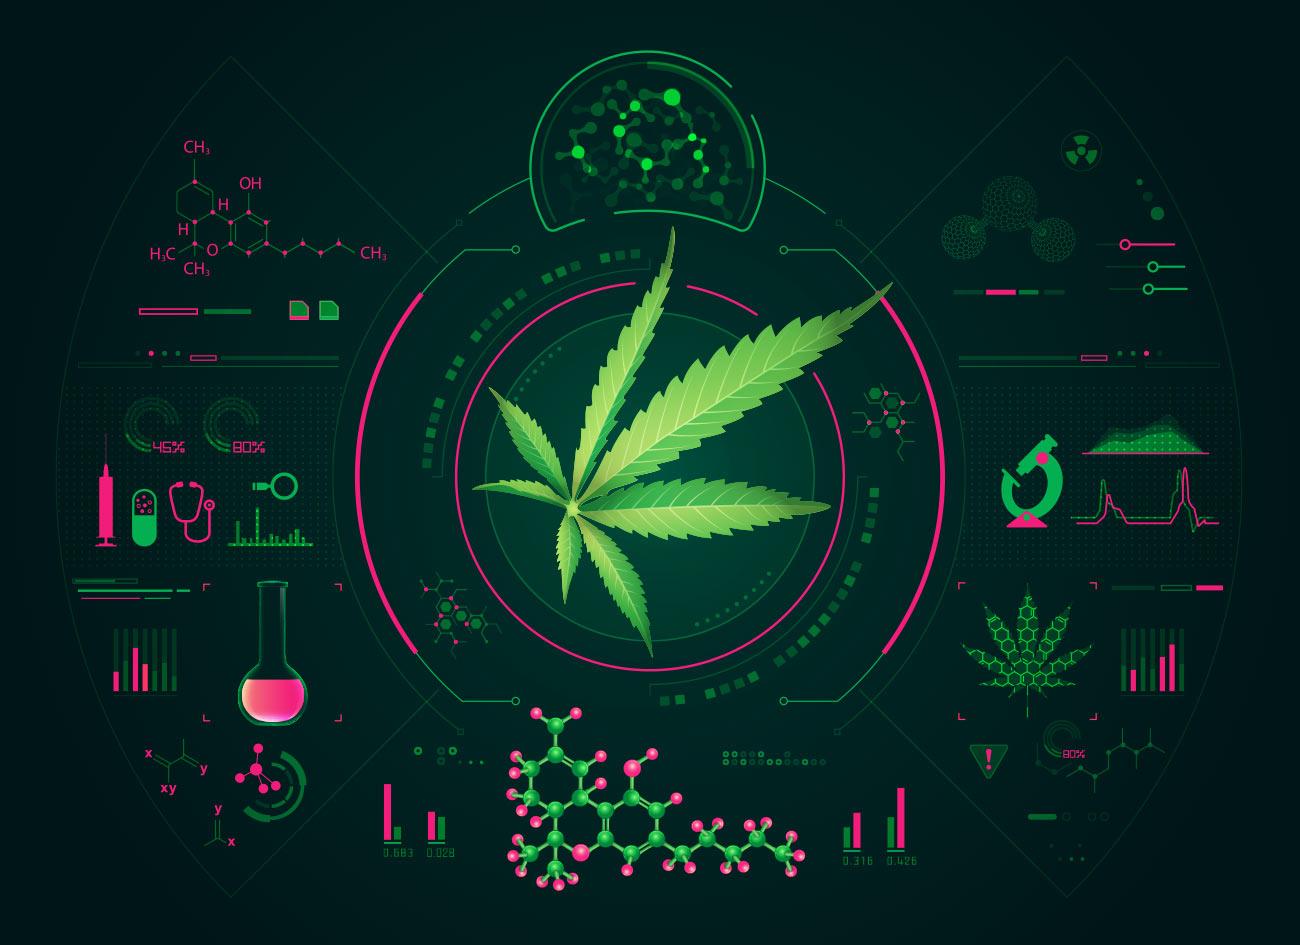 Cannabis podría ayudar con los problemas de circulación sanguinea y del corazón